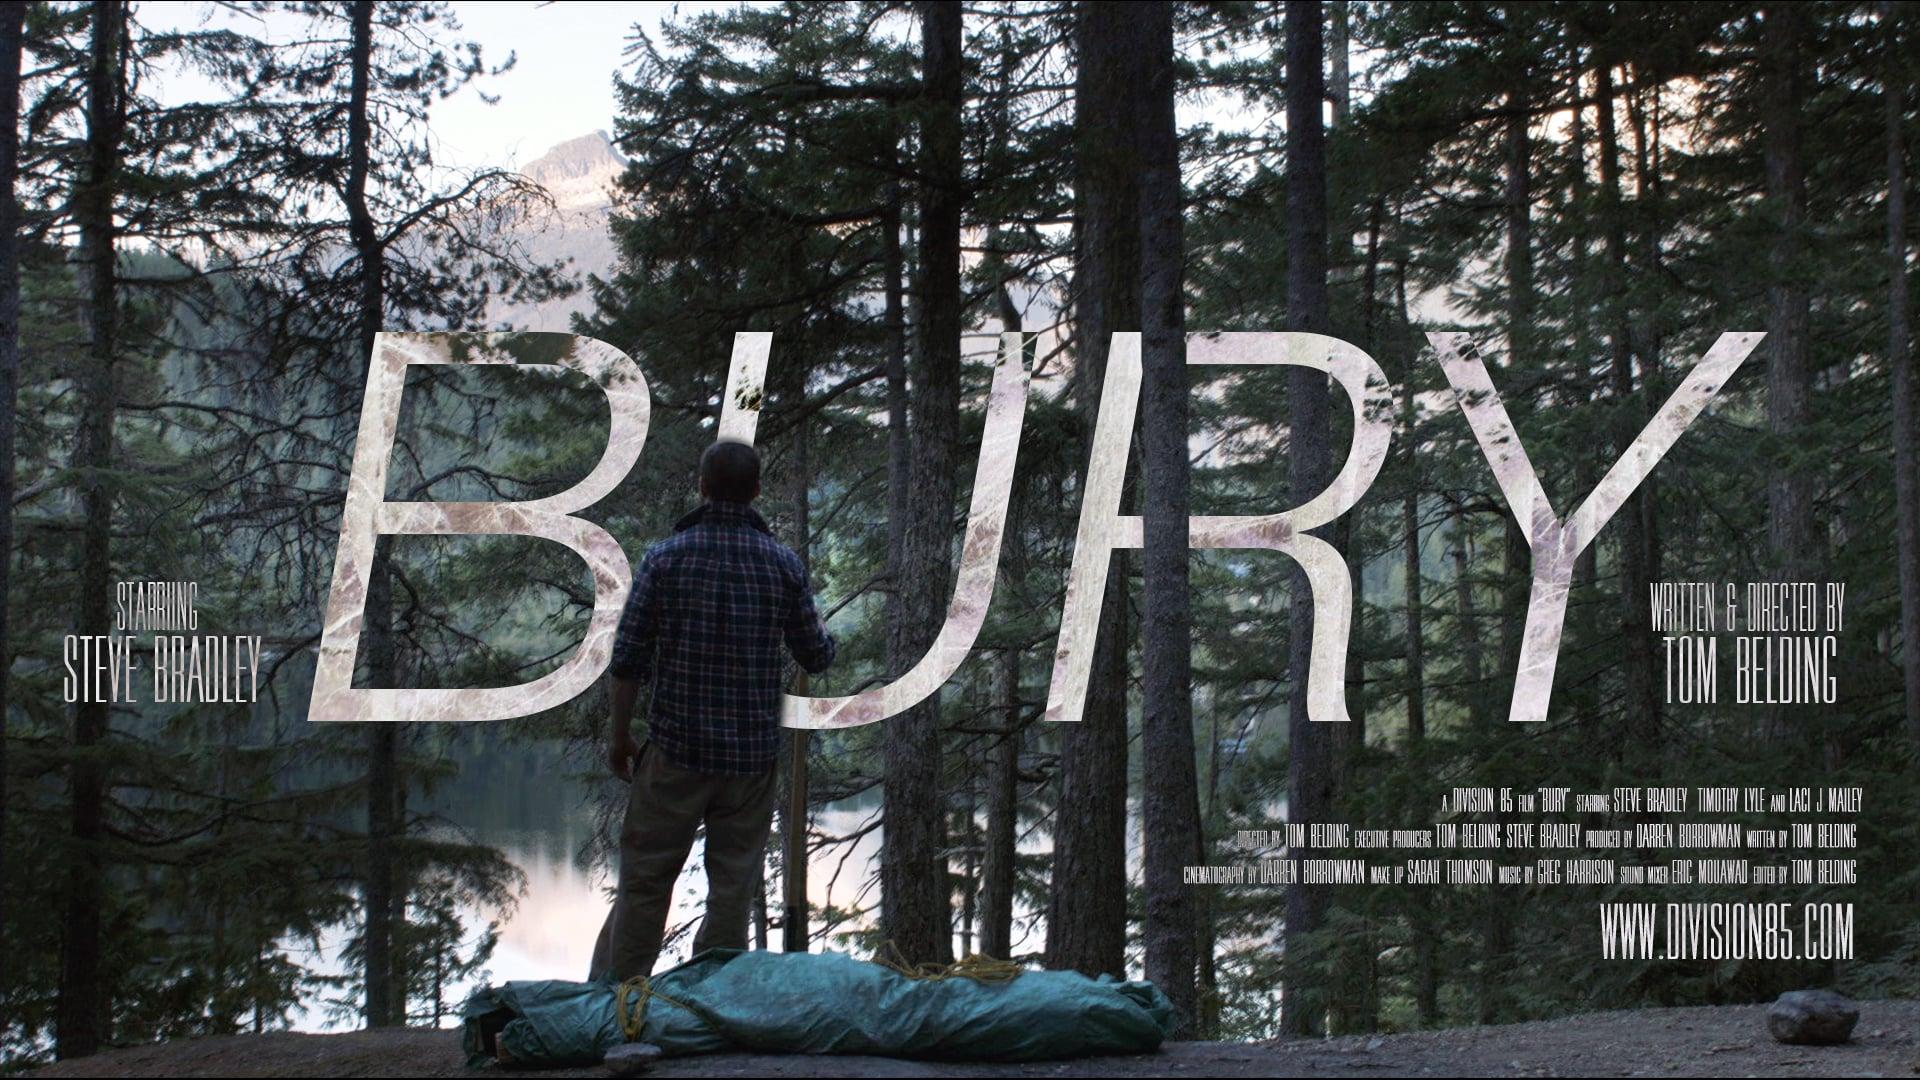 BURY Teaser Trailer - Division 85 Films